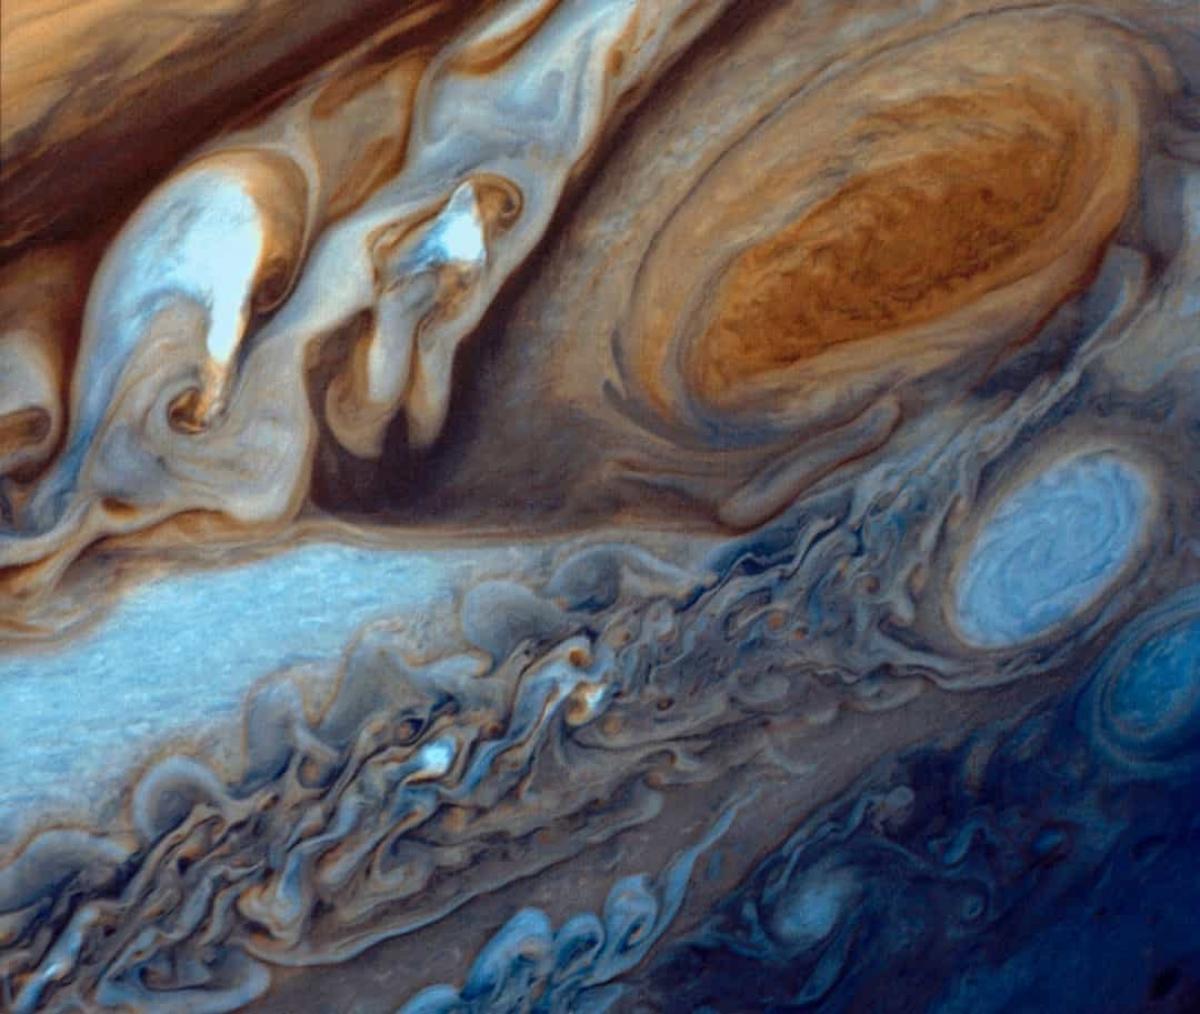 """Tàu vũ trụ Voyager 1 của NASA đã chụp được hình ảnh này vào năm 1979, cho thấy một vùng xoáy nghịch chính là """"Vết Đỏ Lớn"""" của sao Mộc. Đây thực ra là một cơn bão có kích thước gấp 3,5 lần Trái Đất."""